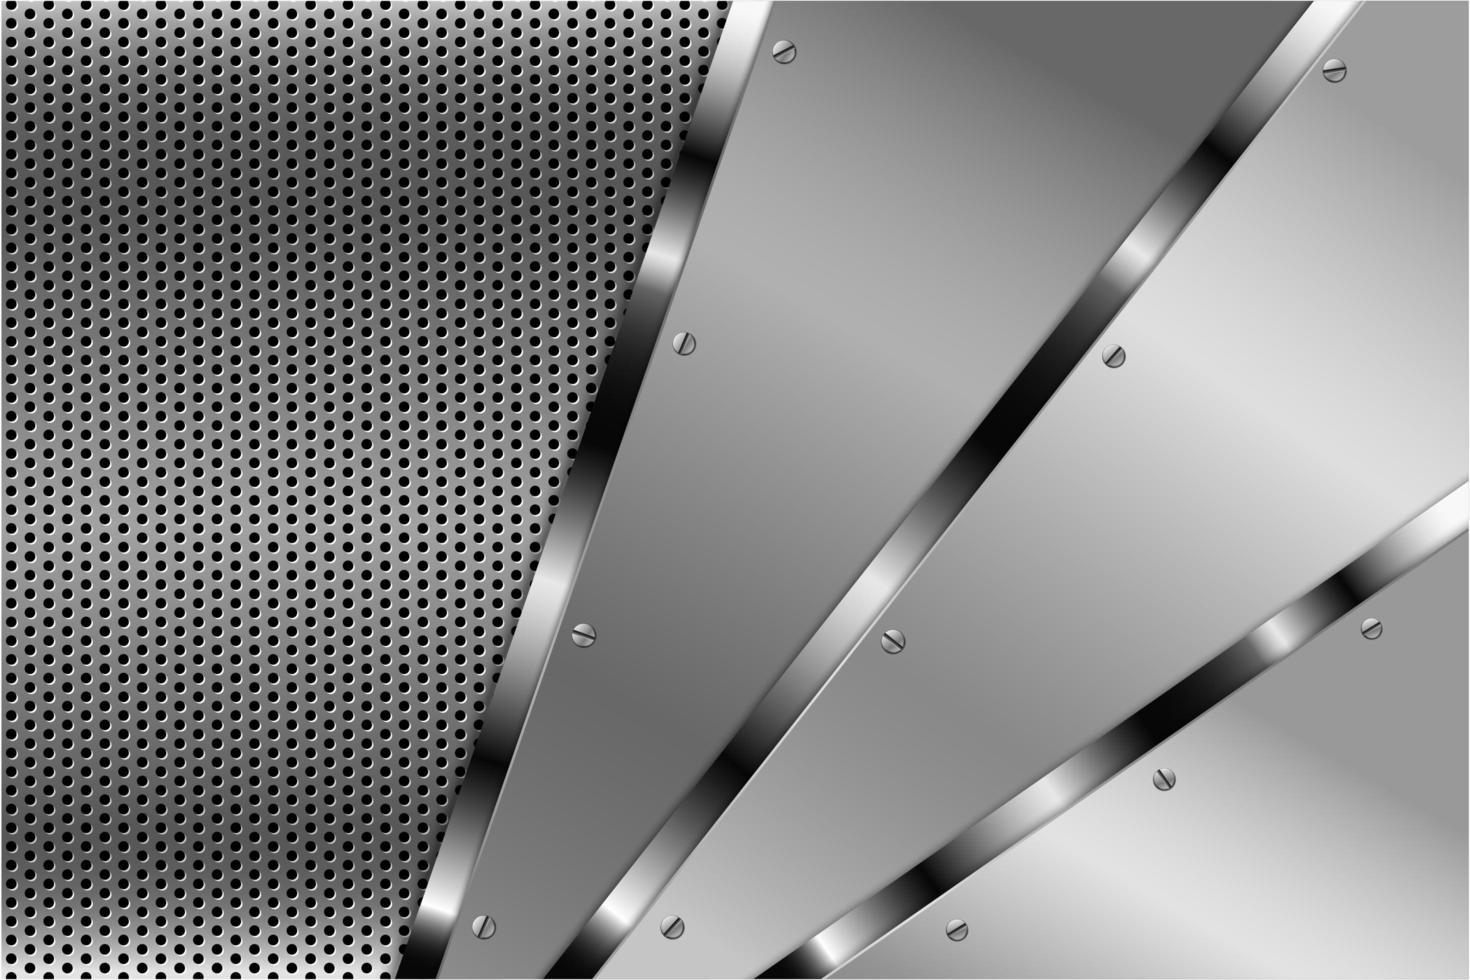 panneaux coudés argent métallique avec vis sur texture perforée vecteur